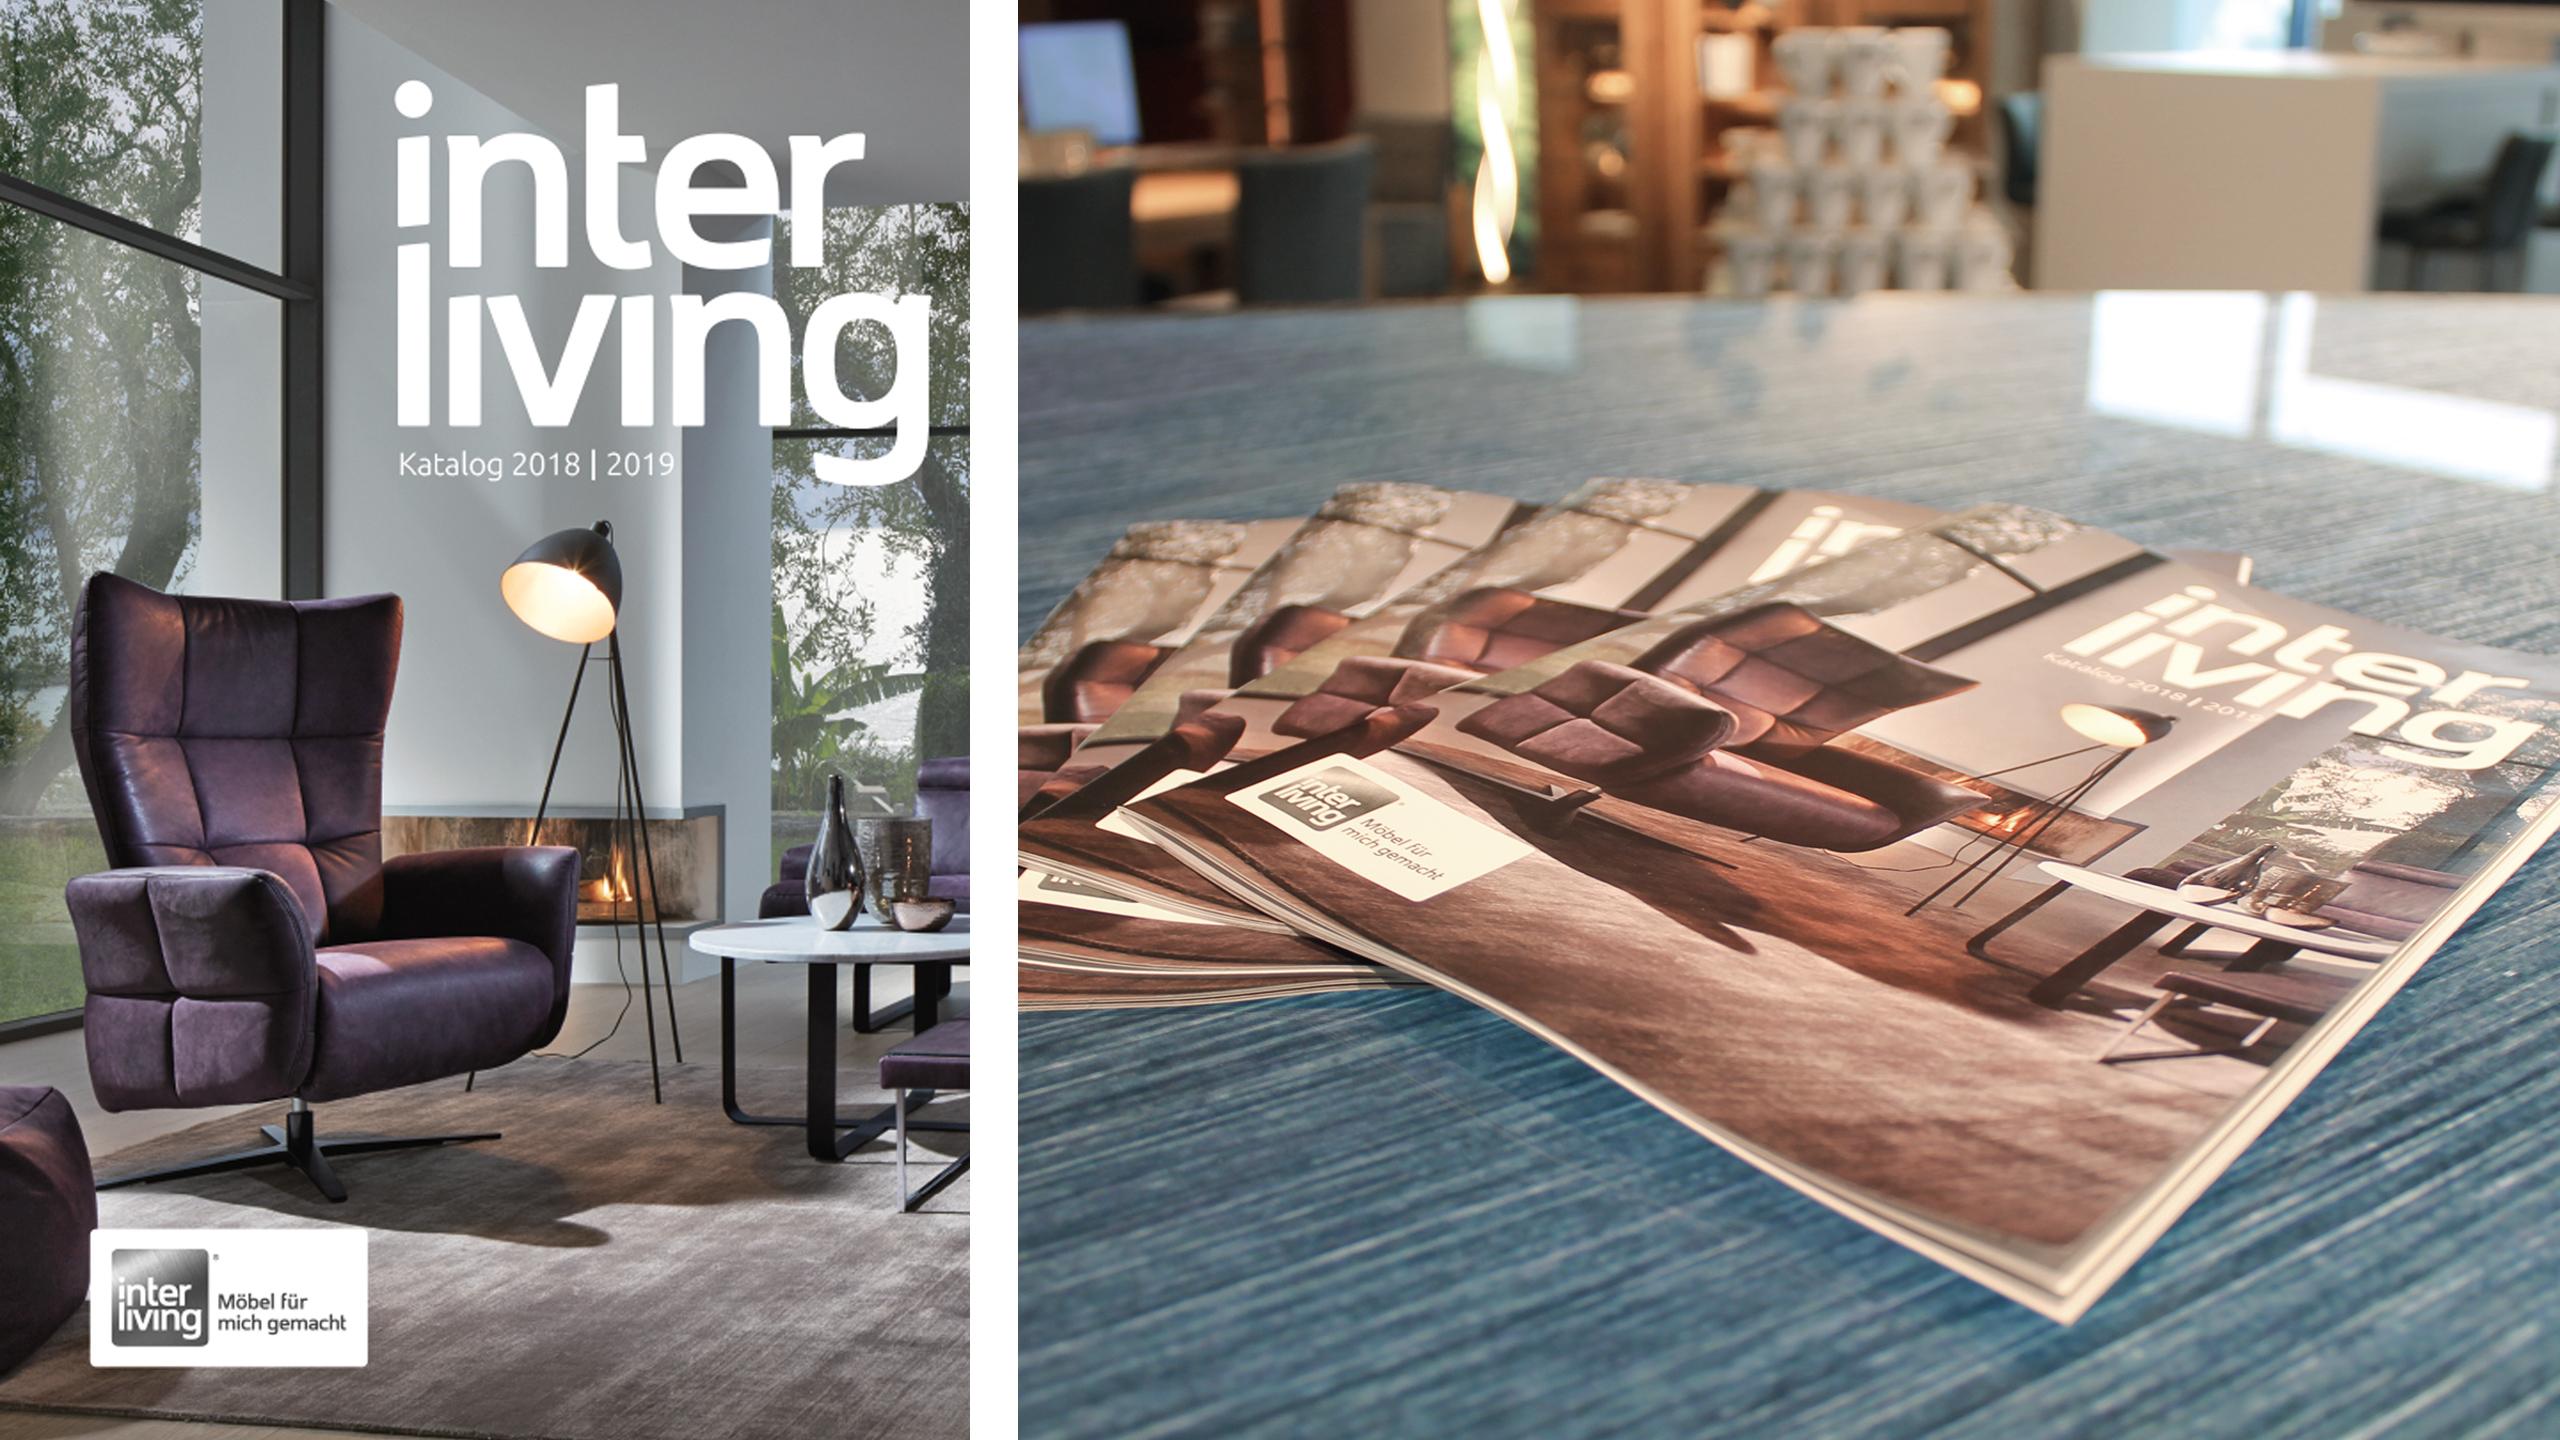 Der Interliving Katalog ist da! - Interliving Blog